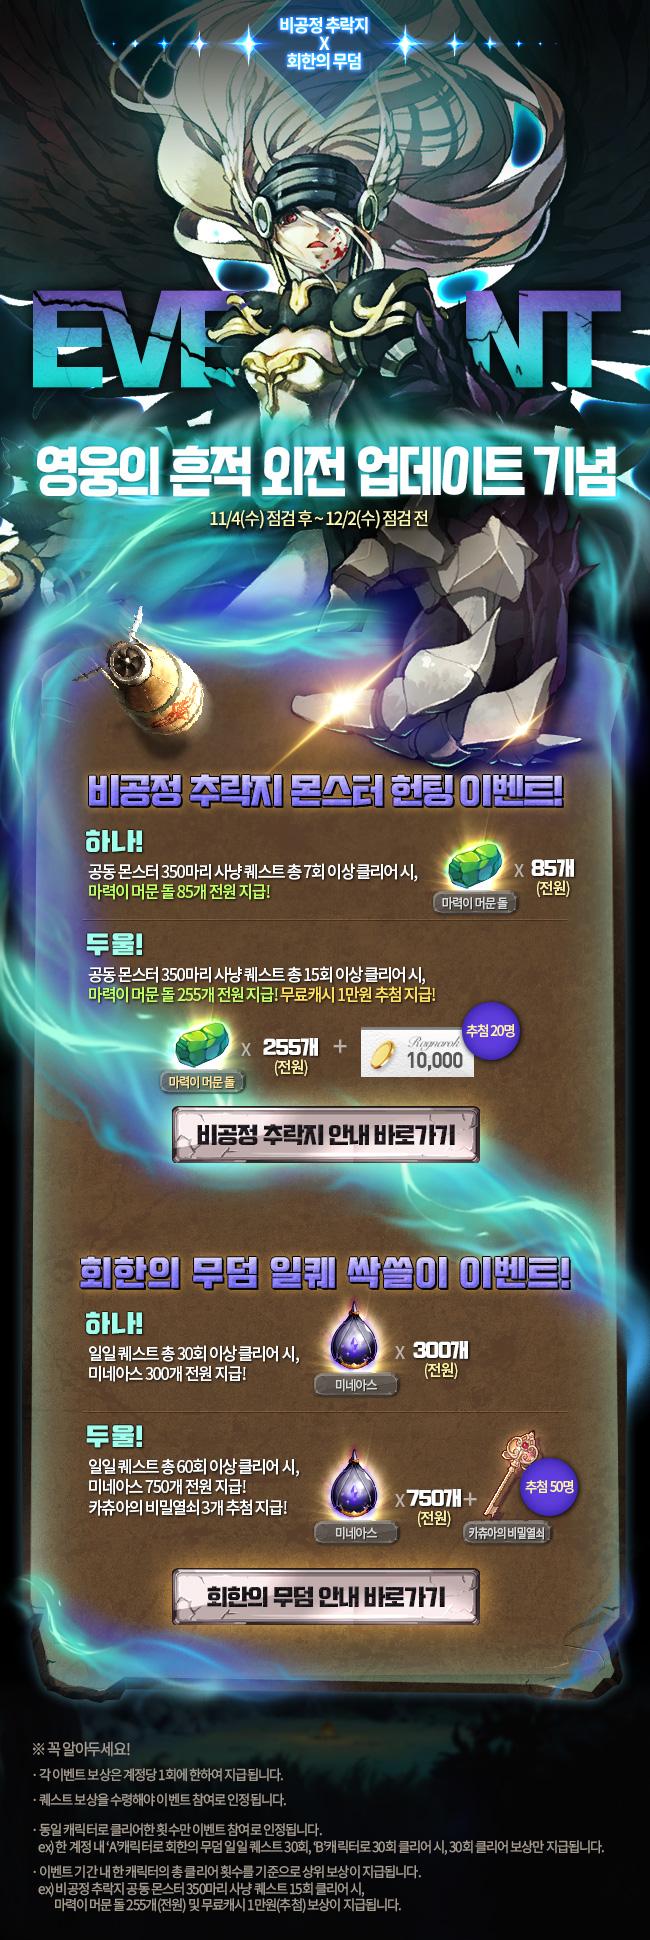 영웅의 흔적 외전 업데이트 기념 EVENT 이미지1